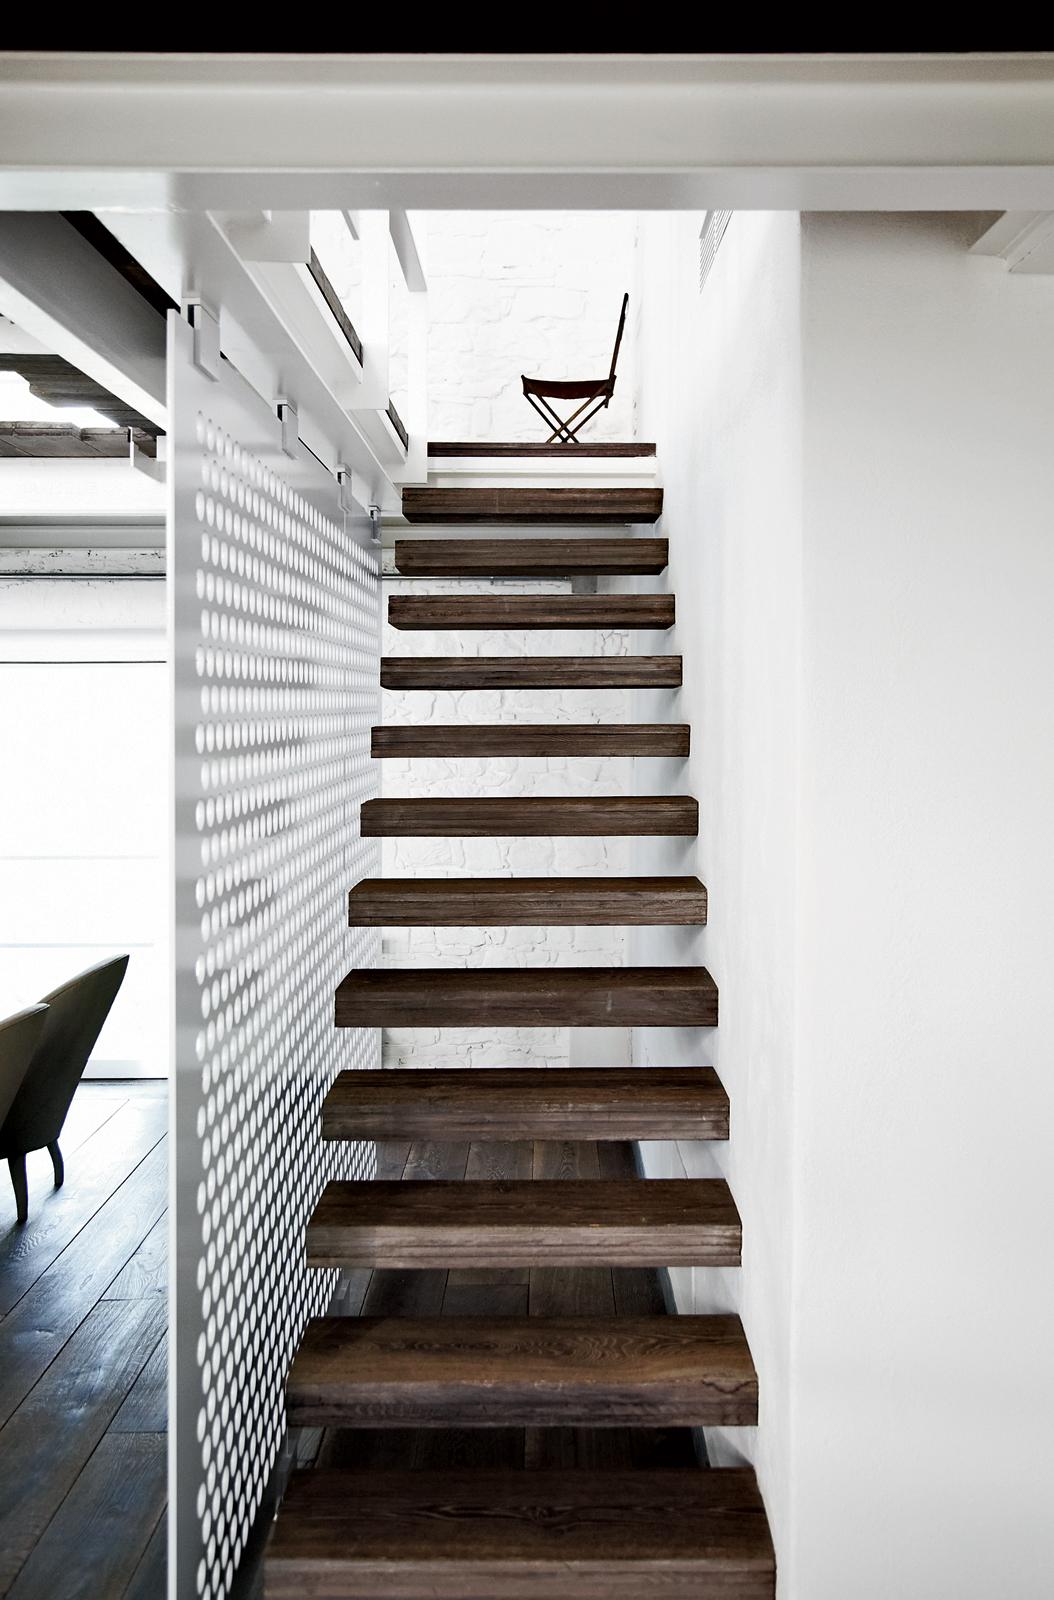 Modern slender staircase.